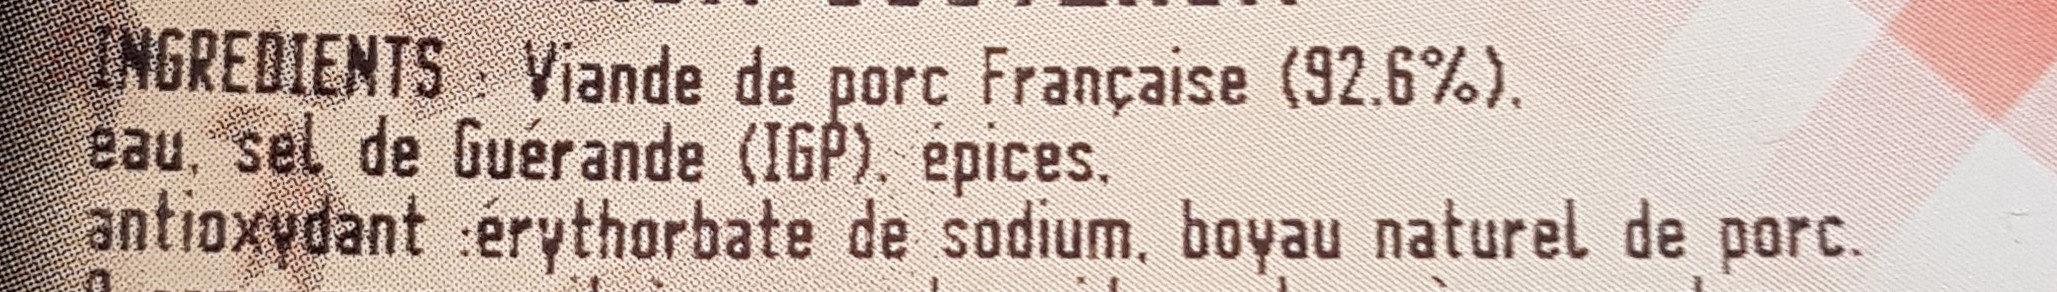 Saucisse à l'ancienne x4 coupées au couteaux - Ingredients